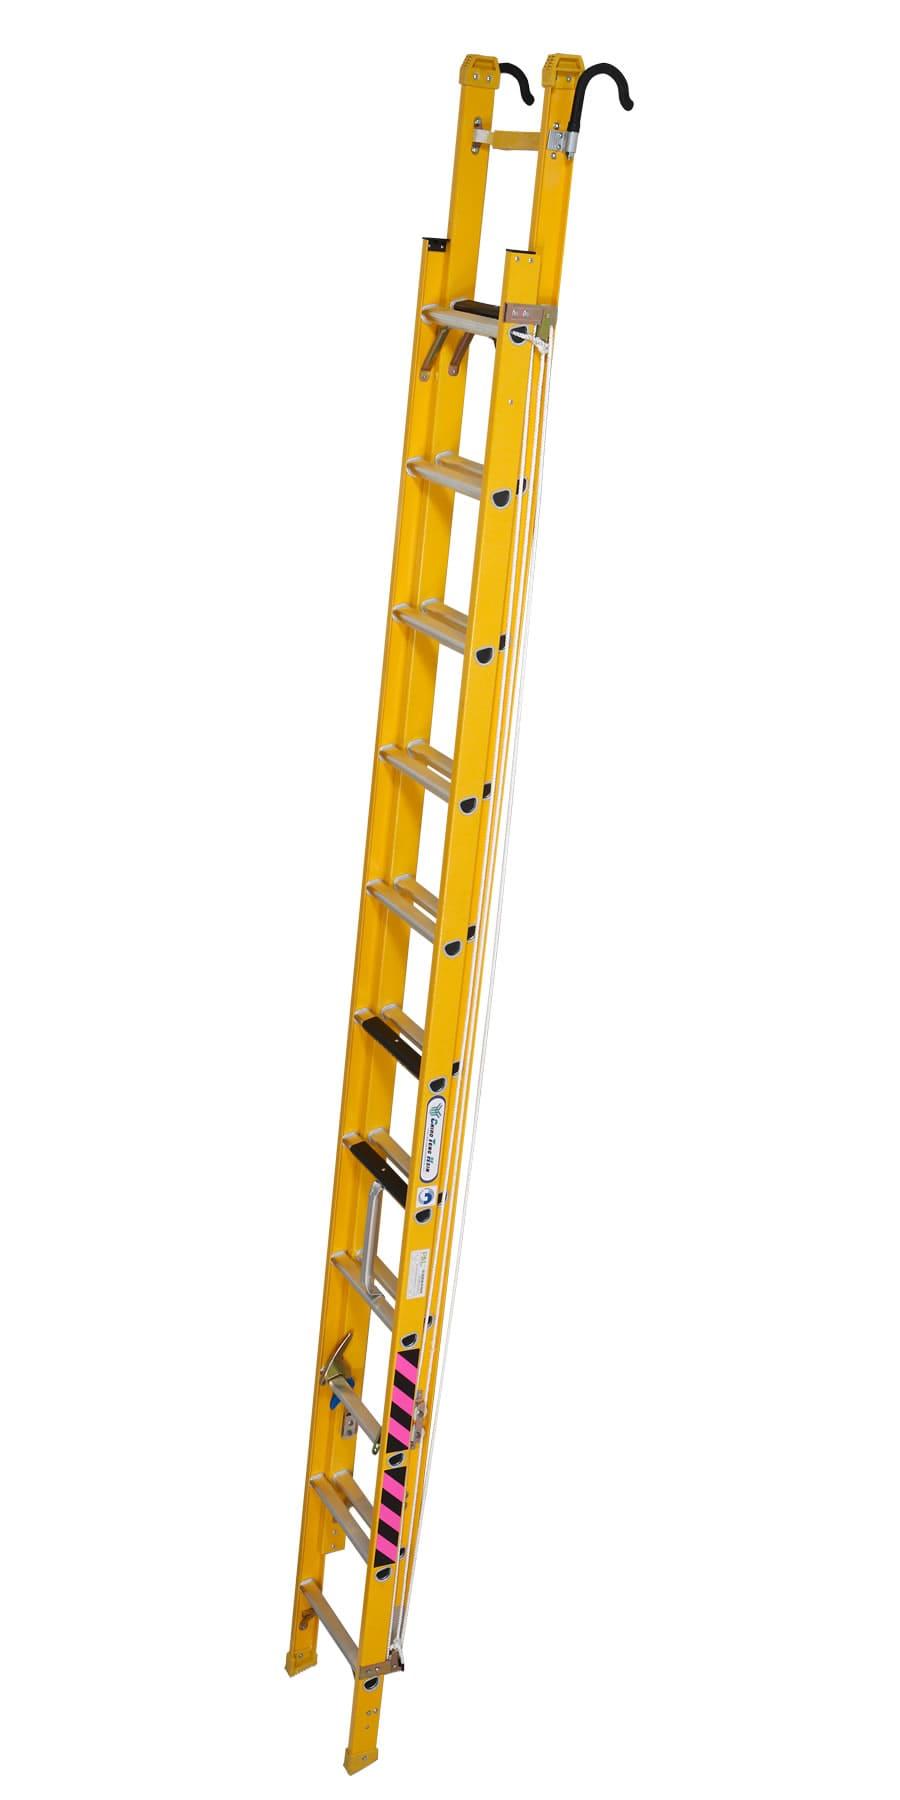 (HS201051)玻璃纖維伸縮梯5.1M、(HS201064)玻璃纖維伸縮梯6.4M